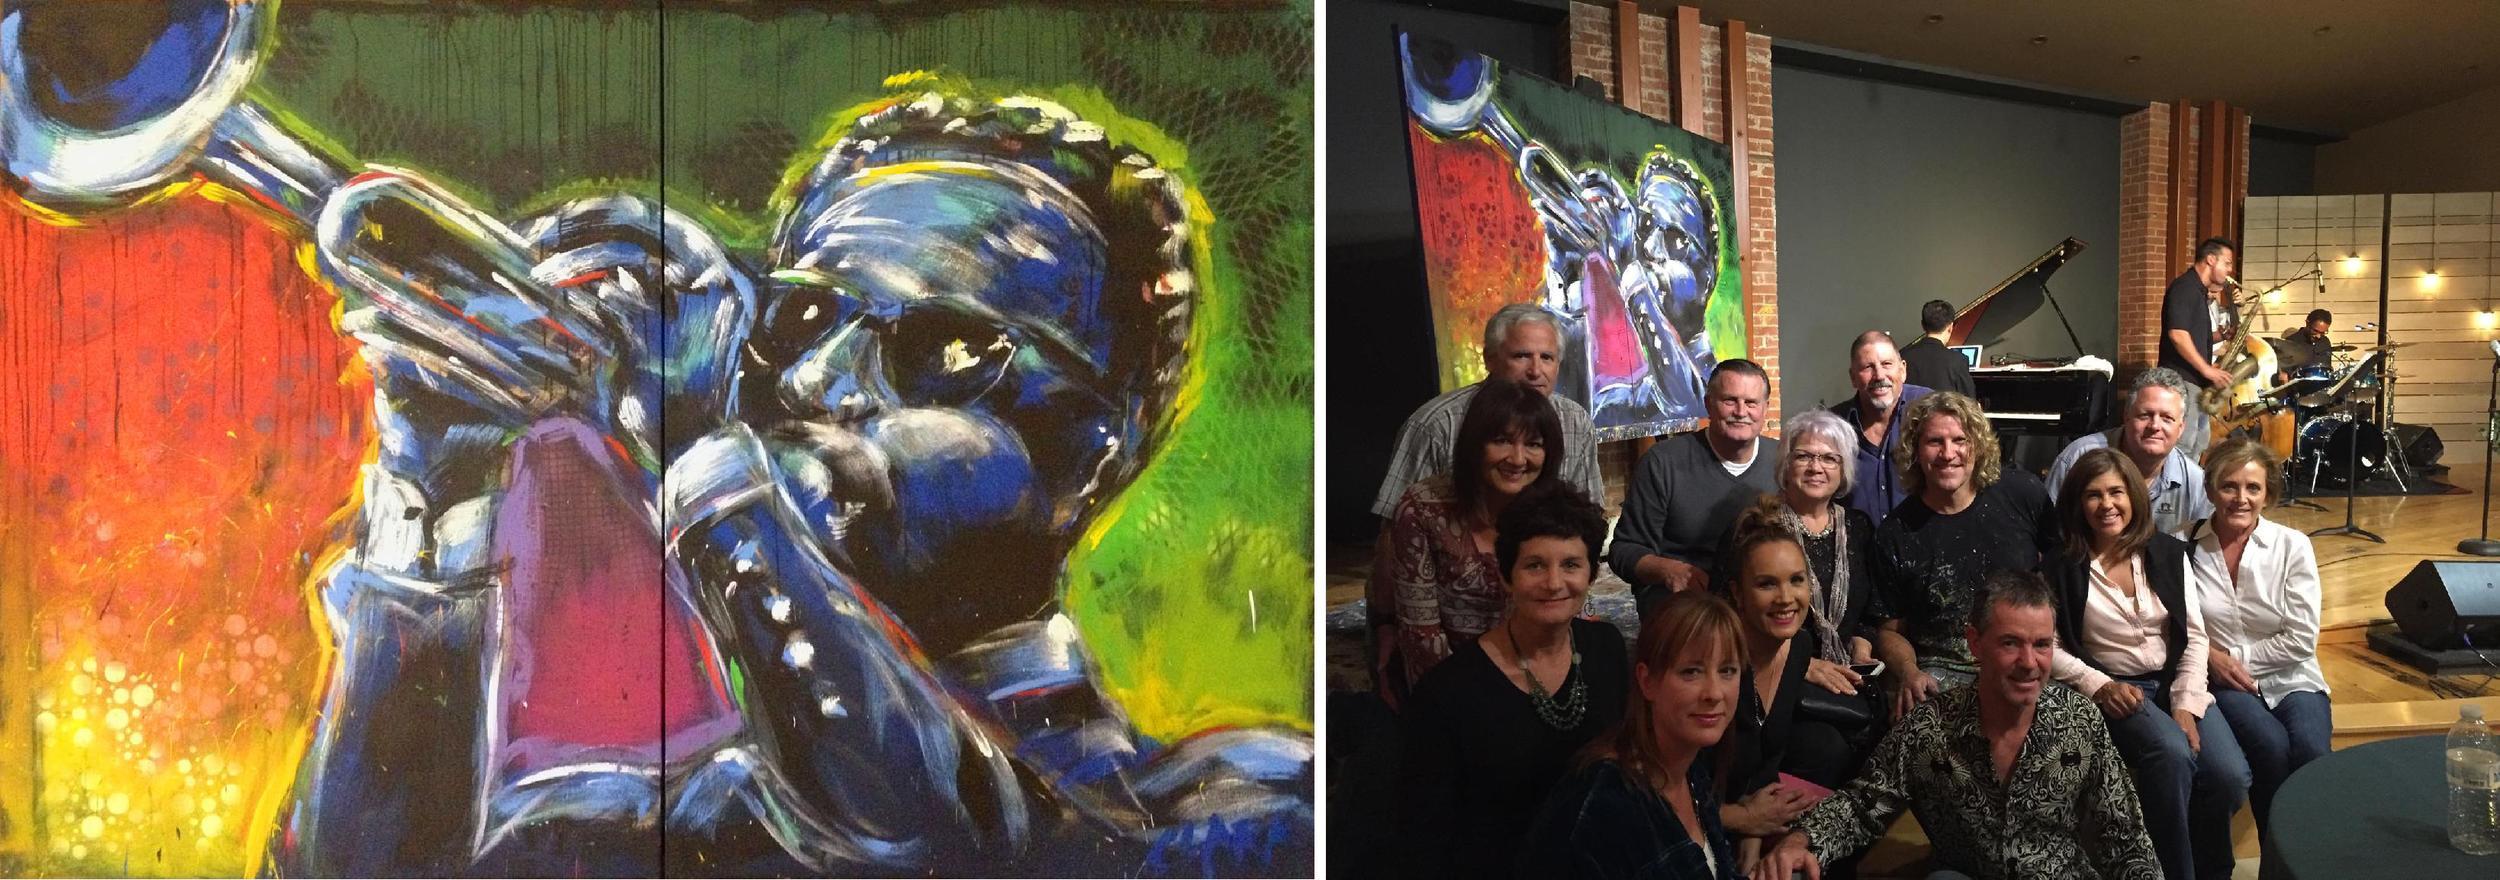 1st Thursday Art Event – Santa Barbara, CA